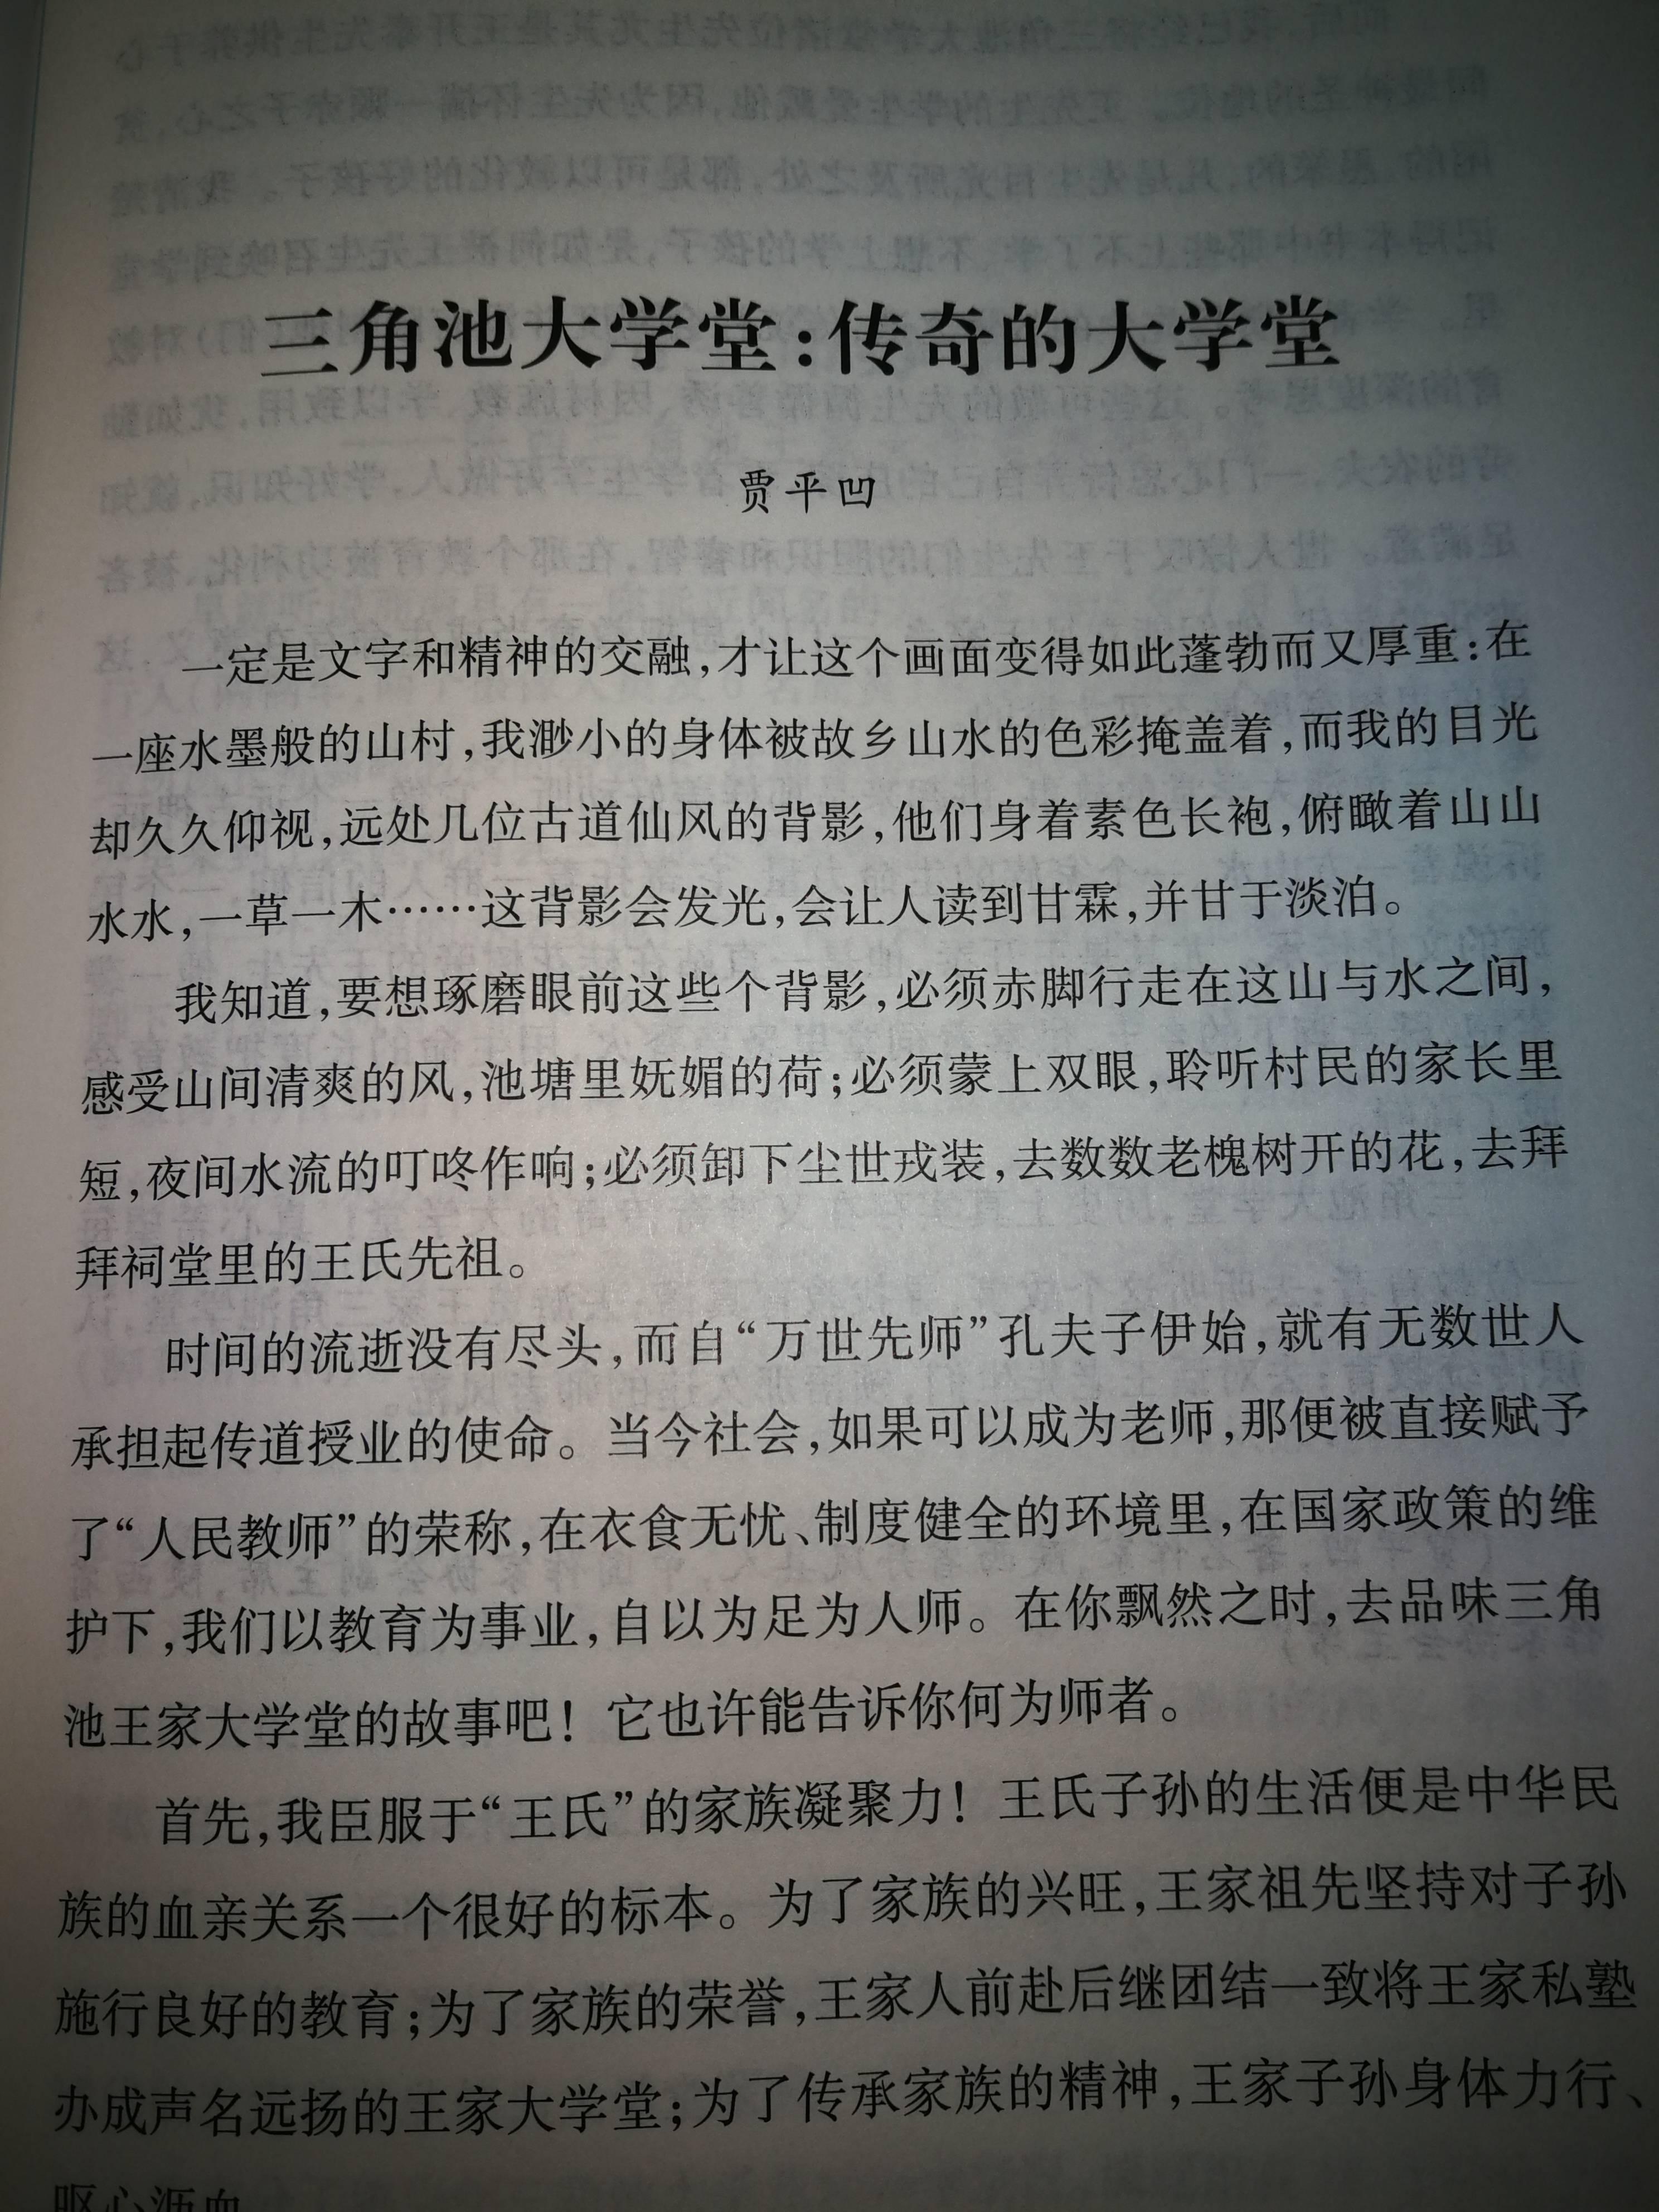 陕绿学习点:三角池大学堂乡村文化教育典范